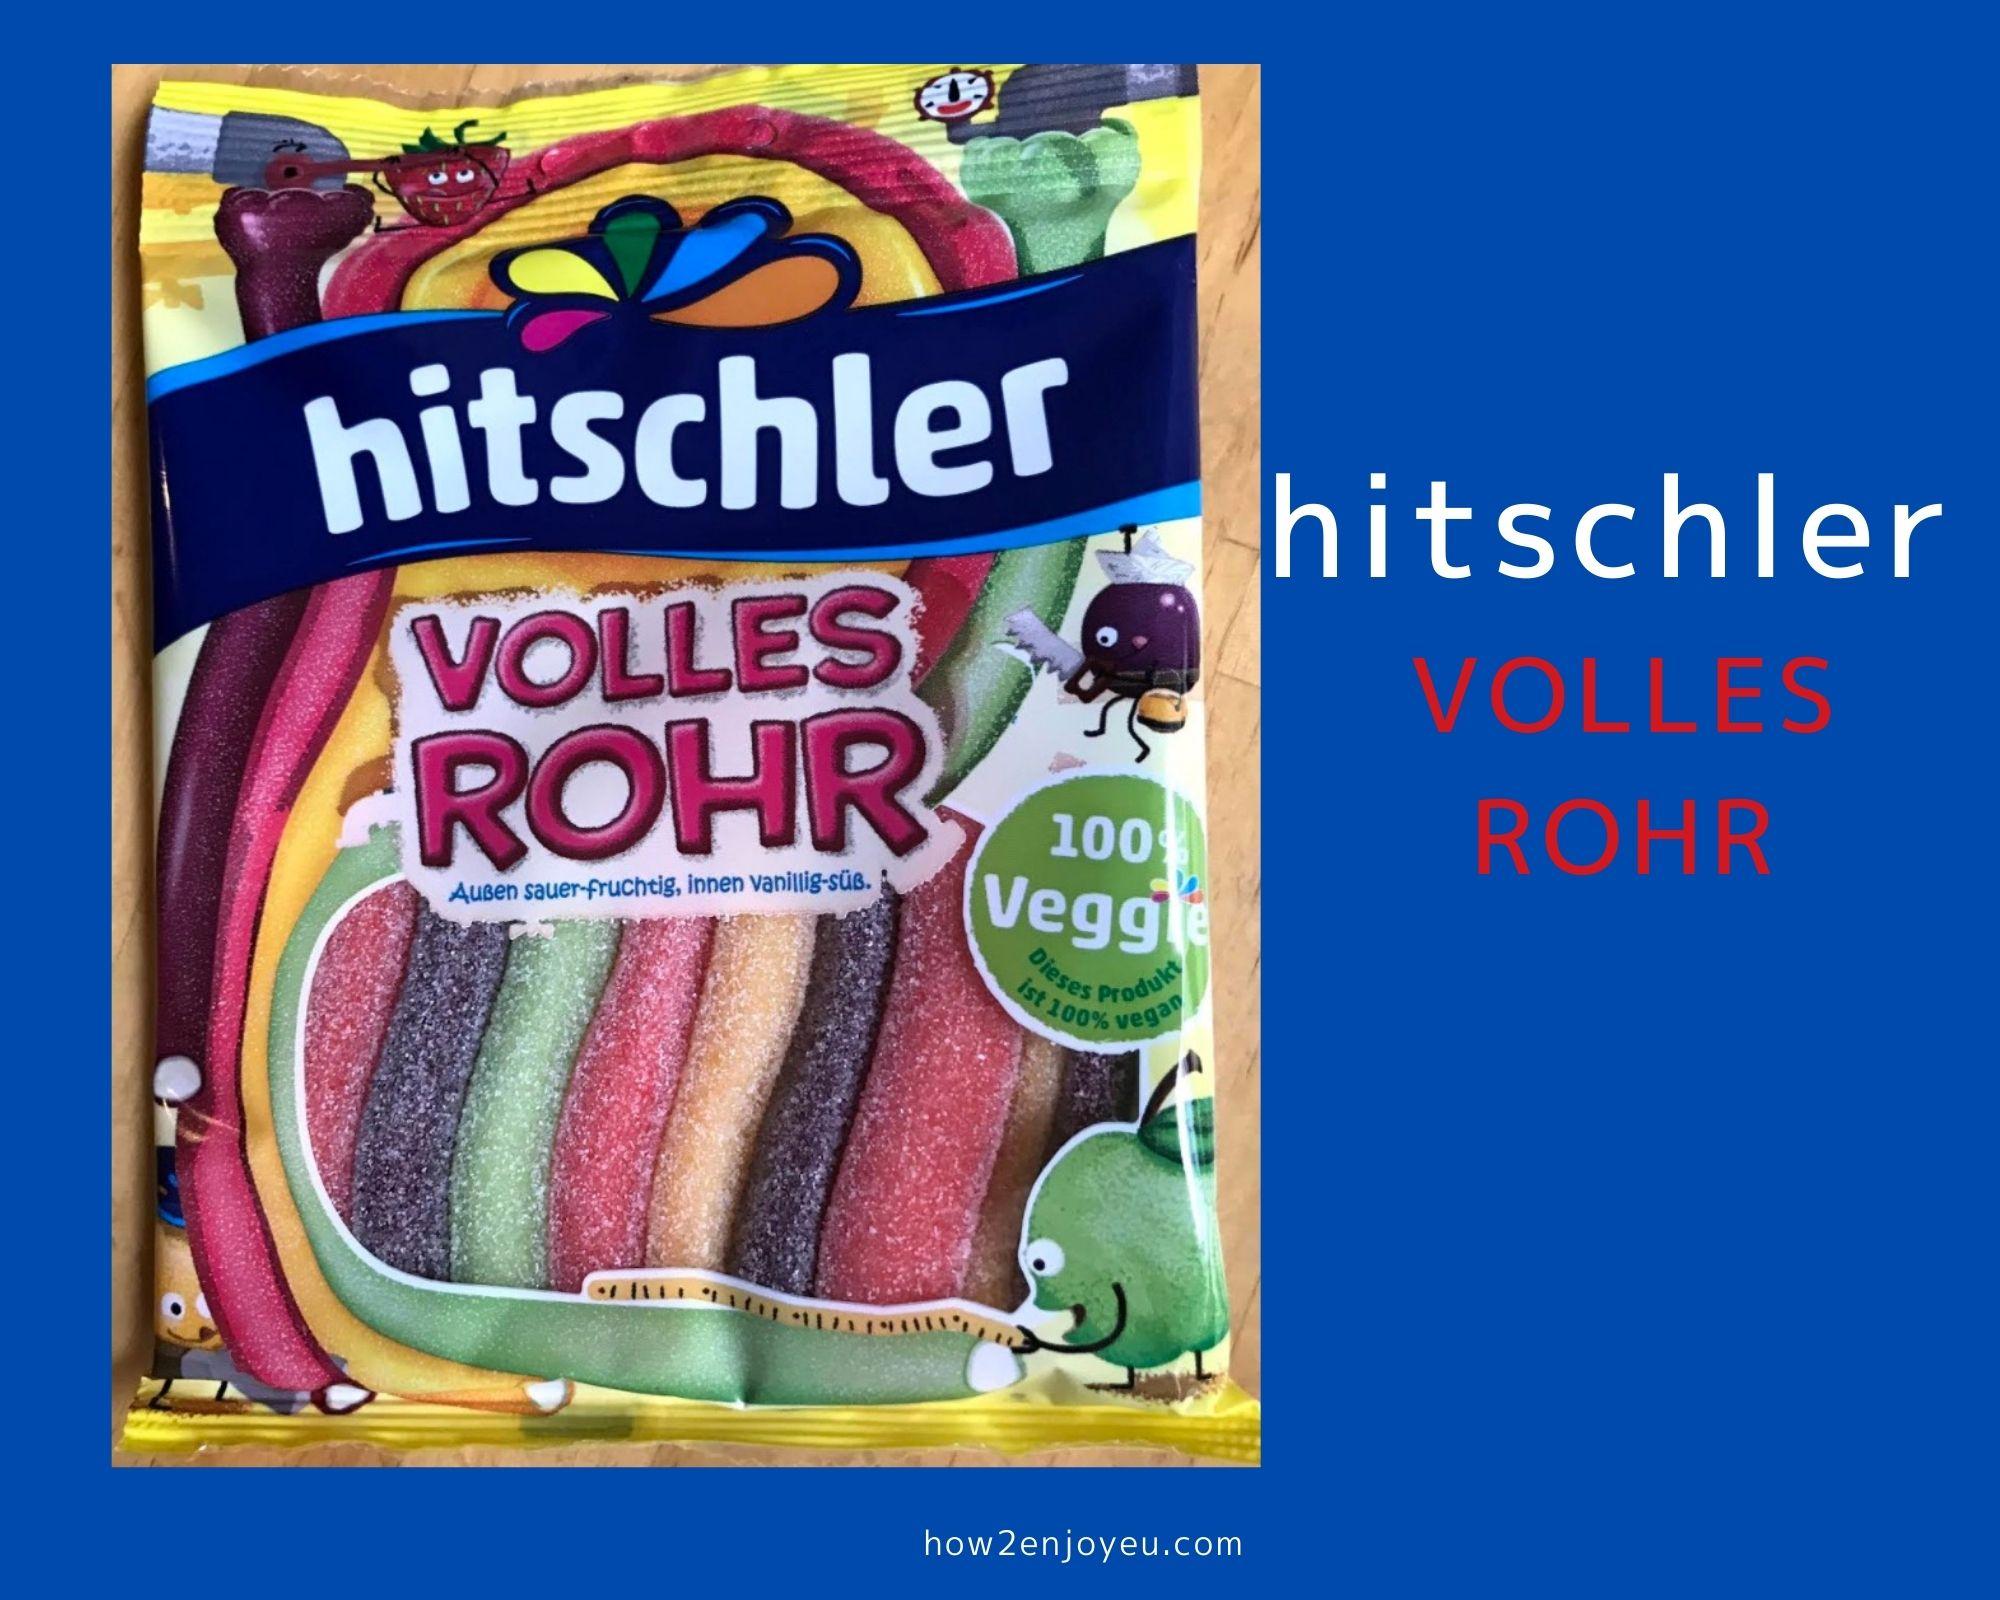 """Hitschler 【VOLLES ROHR】""""詰まった管""""という名前のグミ"""